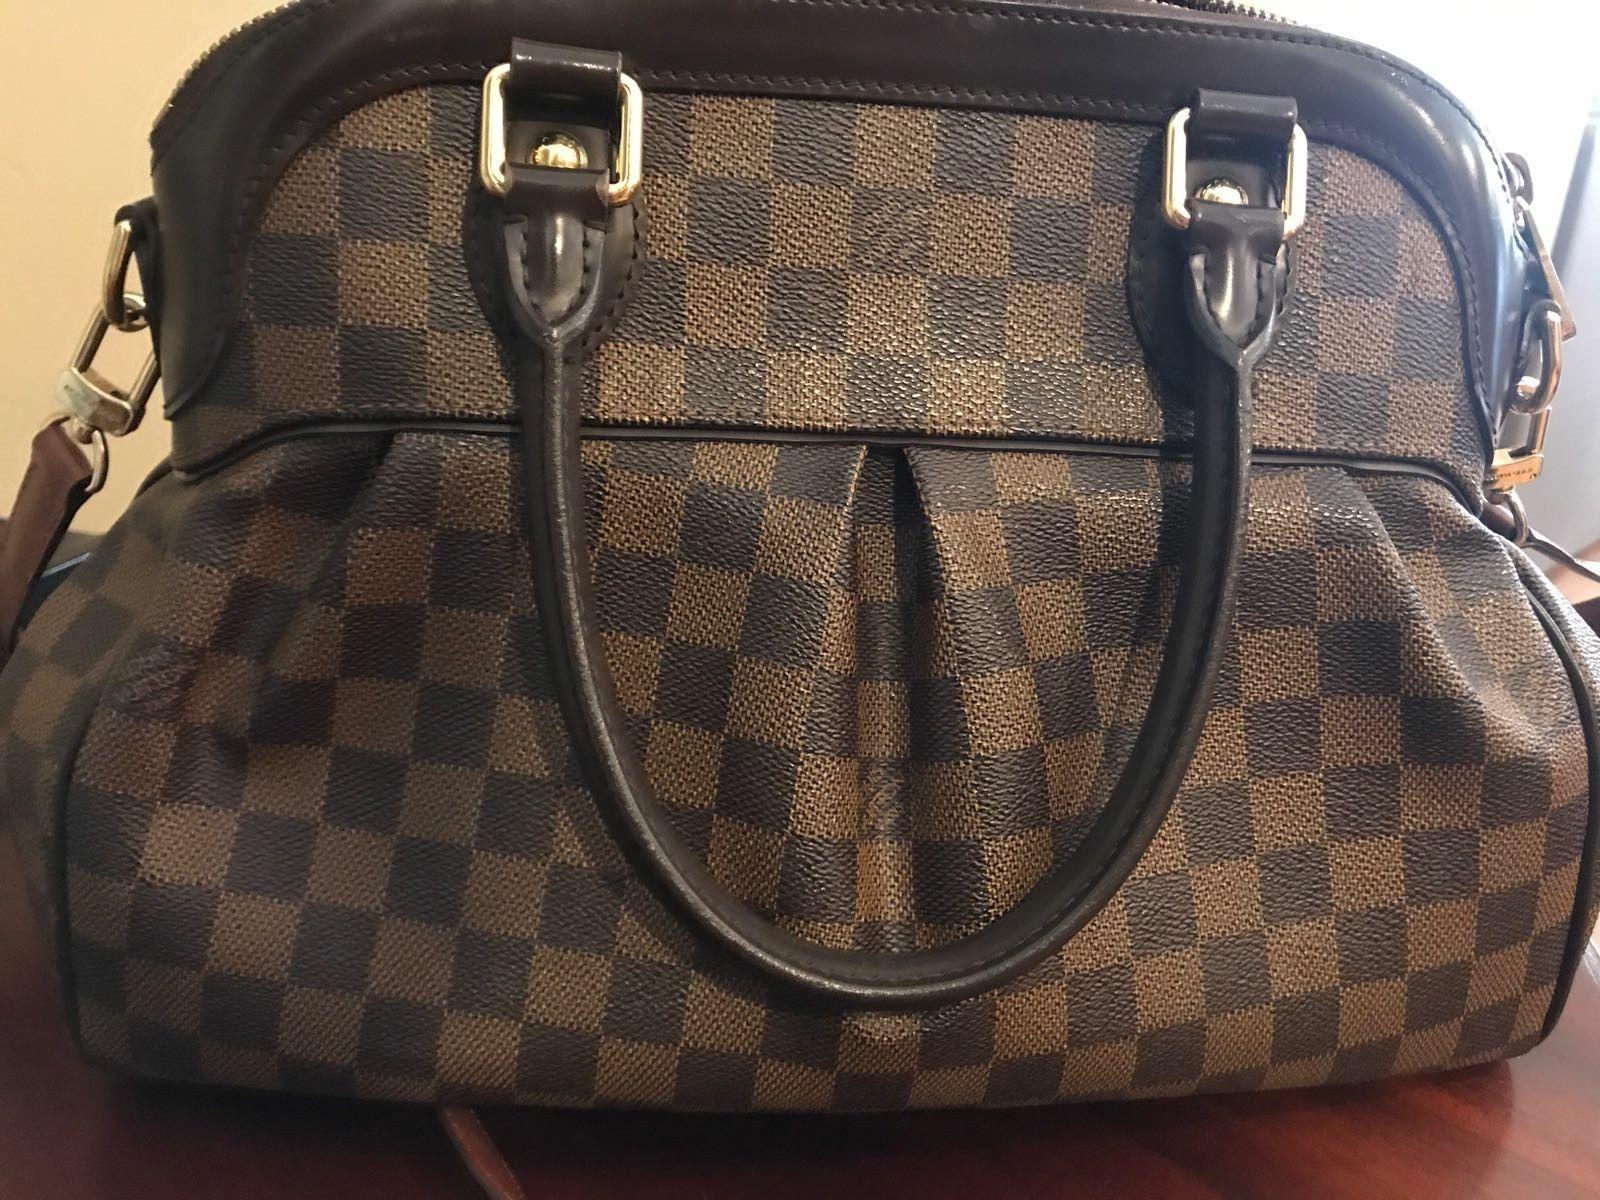 AUTHENTIC LOUIS VUITTON DAMIER EBENE TREVI PM SHOULDER BAG USED  1199.0 bda81847eae4b